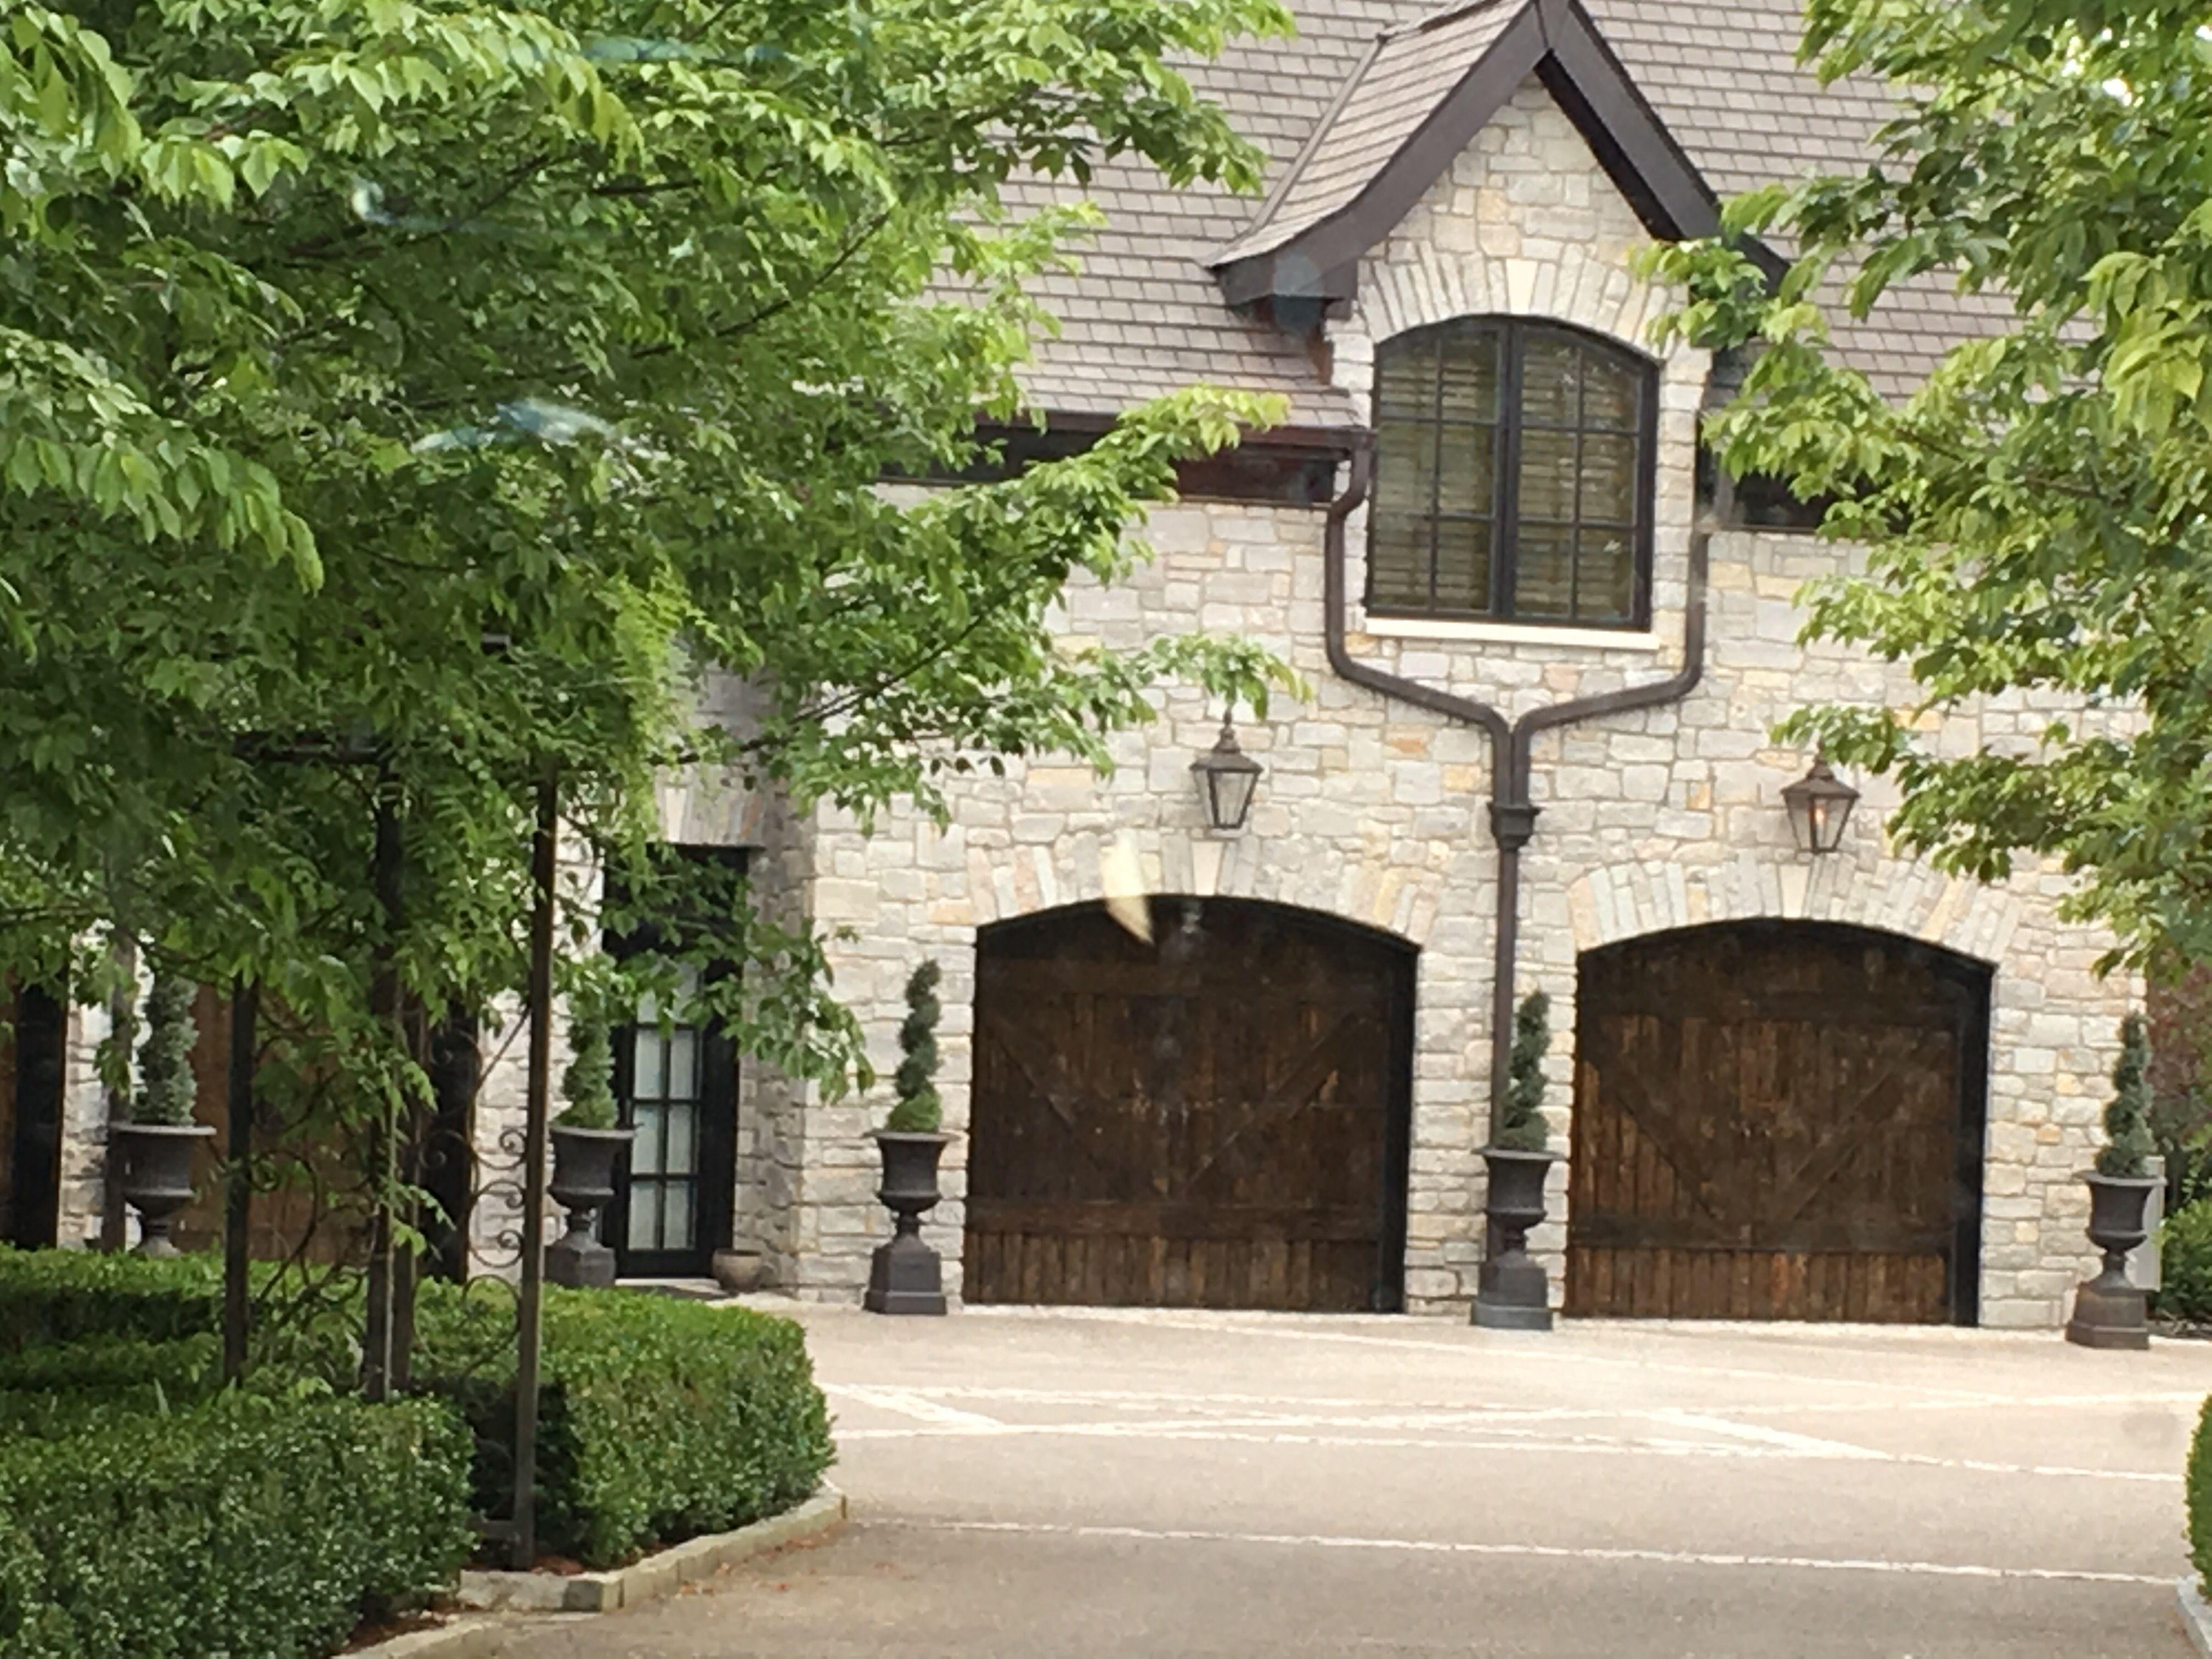 Light Stone With Dark Wooden Garage Doors And Trim Wooden Garage